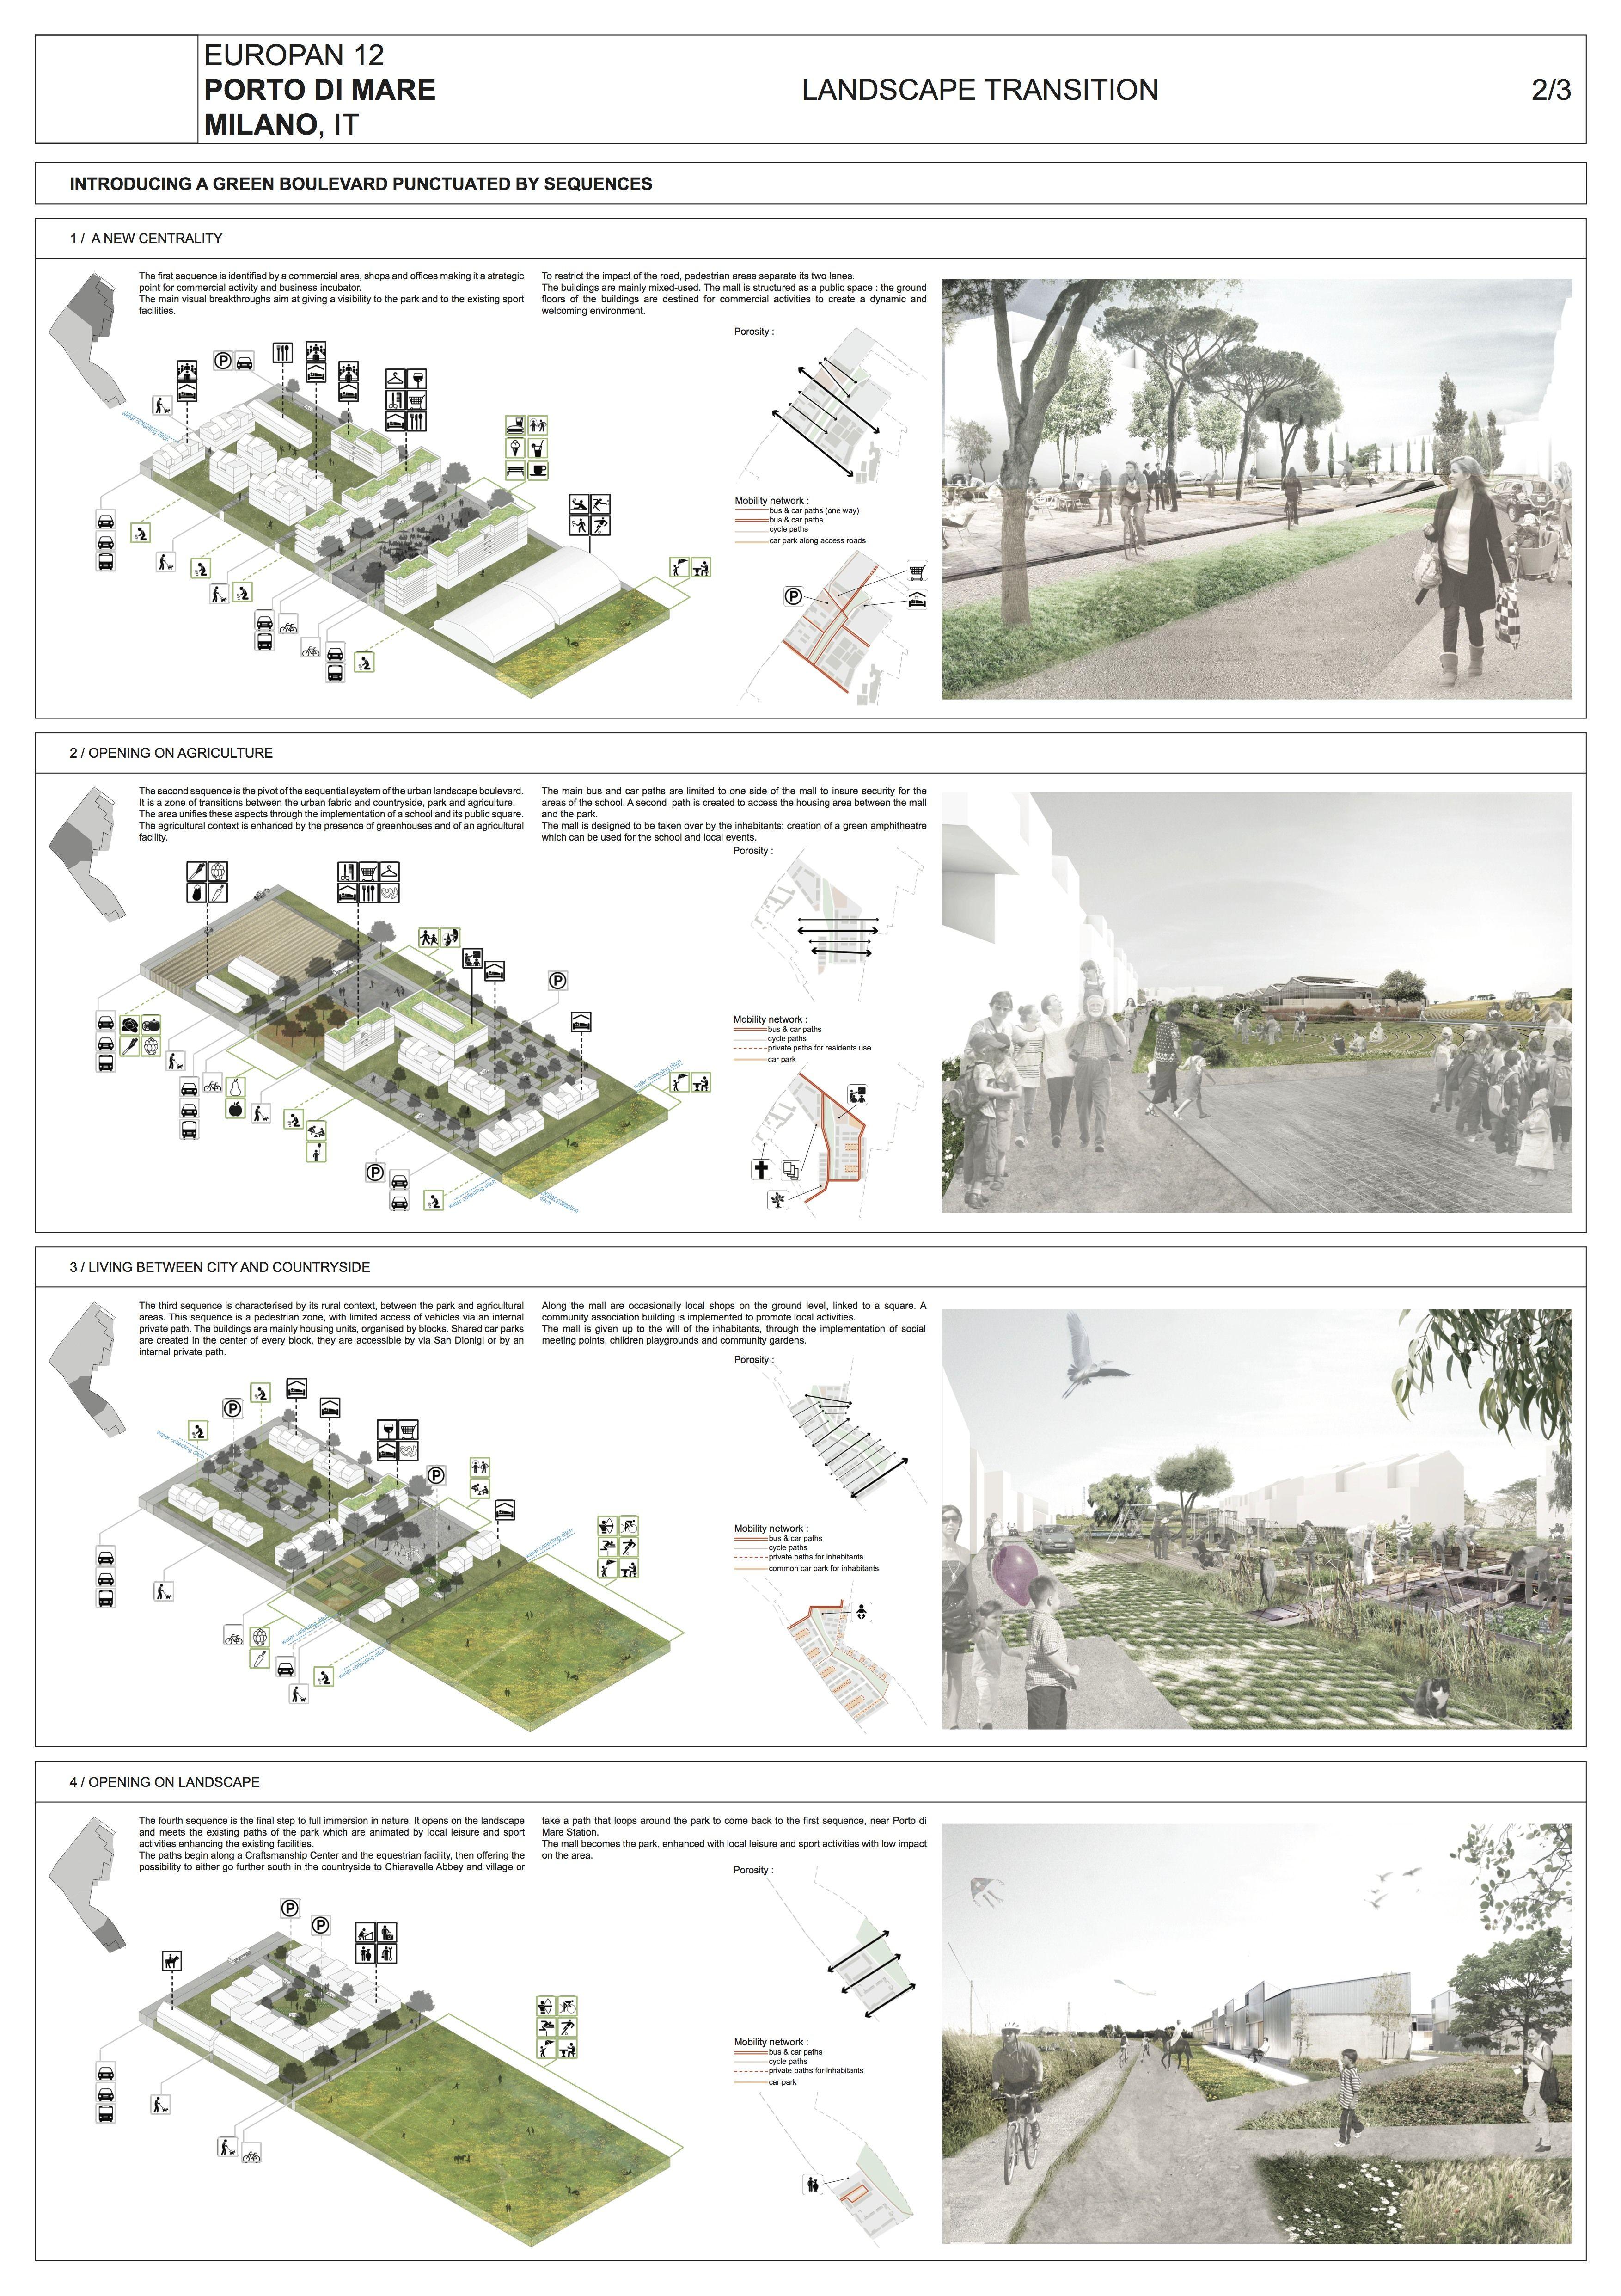 Landscape Transition With Images Landscape Diagram Landscape Architecture Design Urban Design Graphics